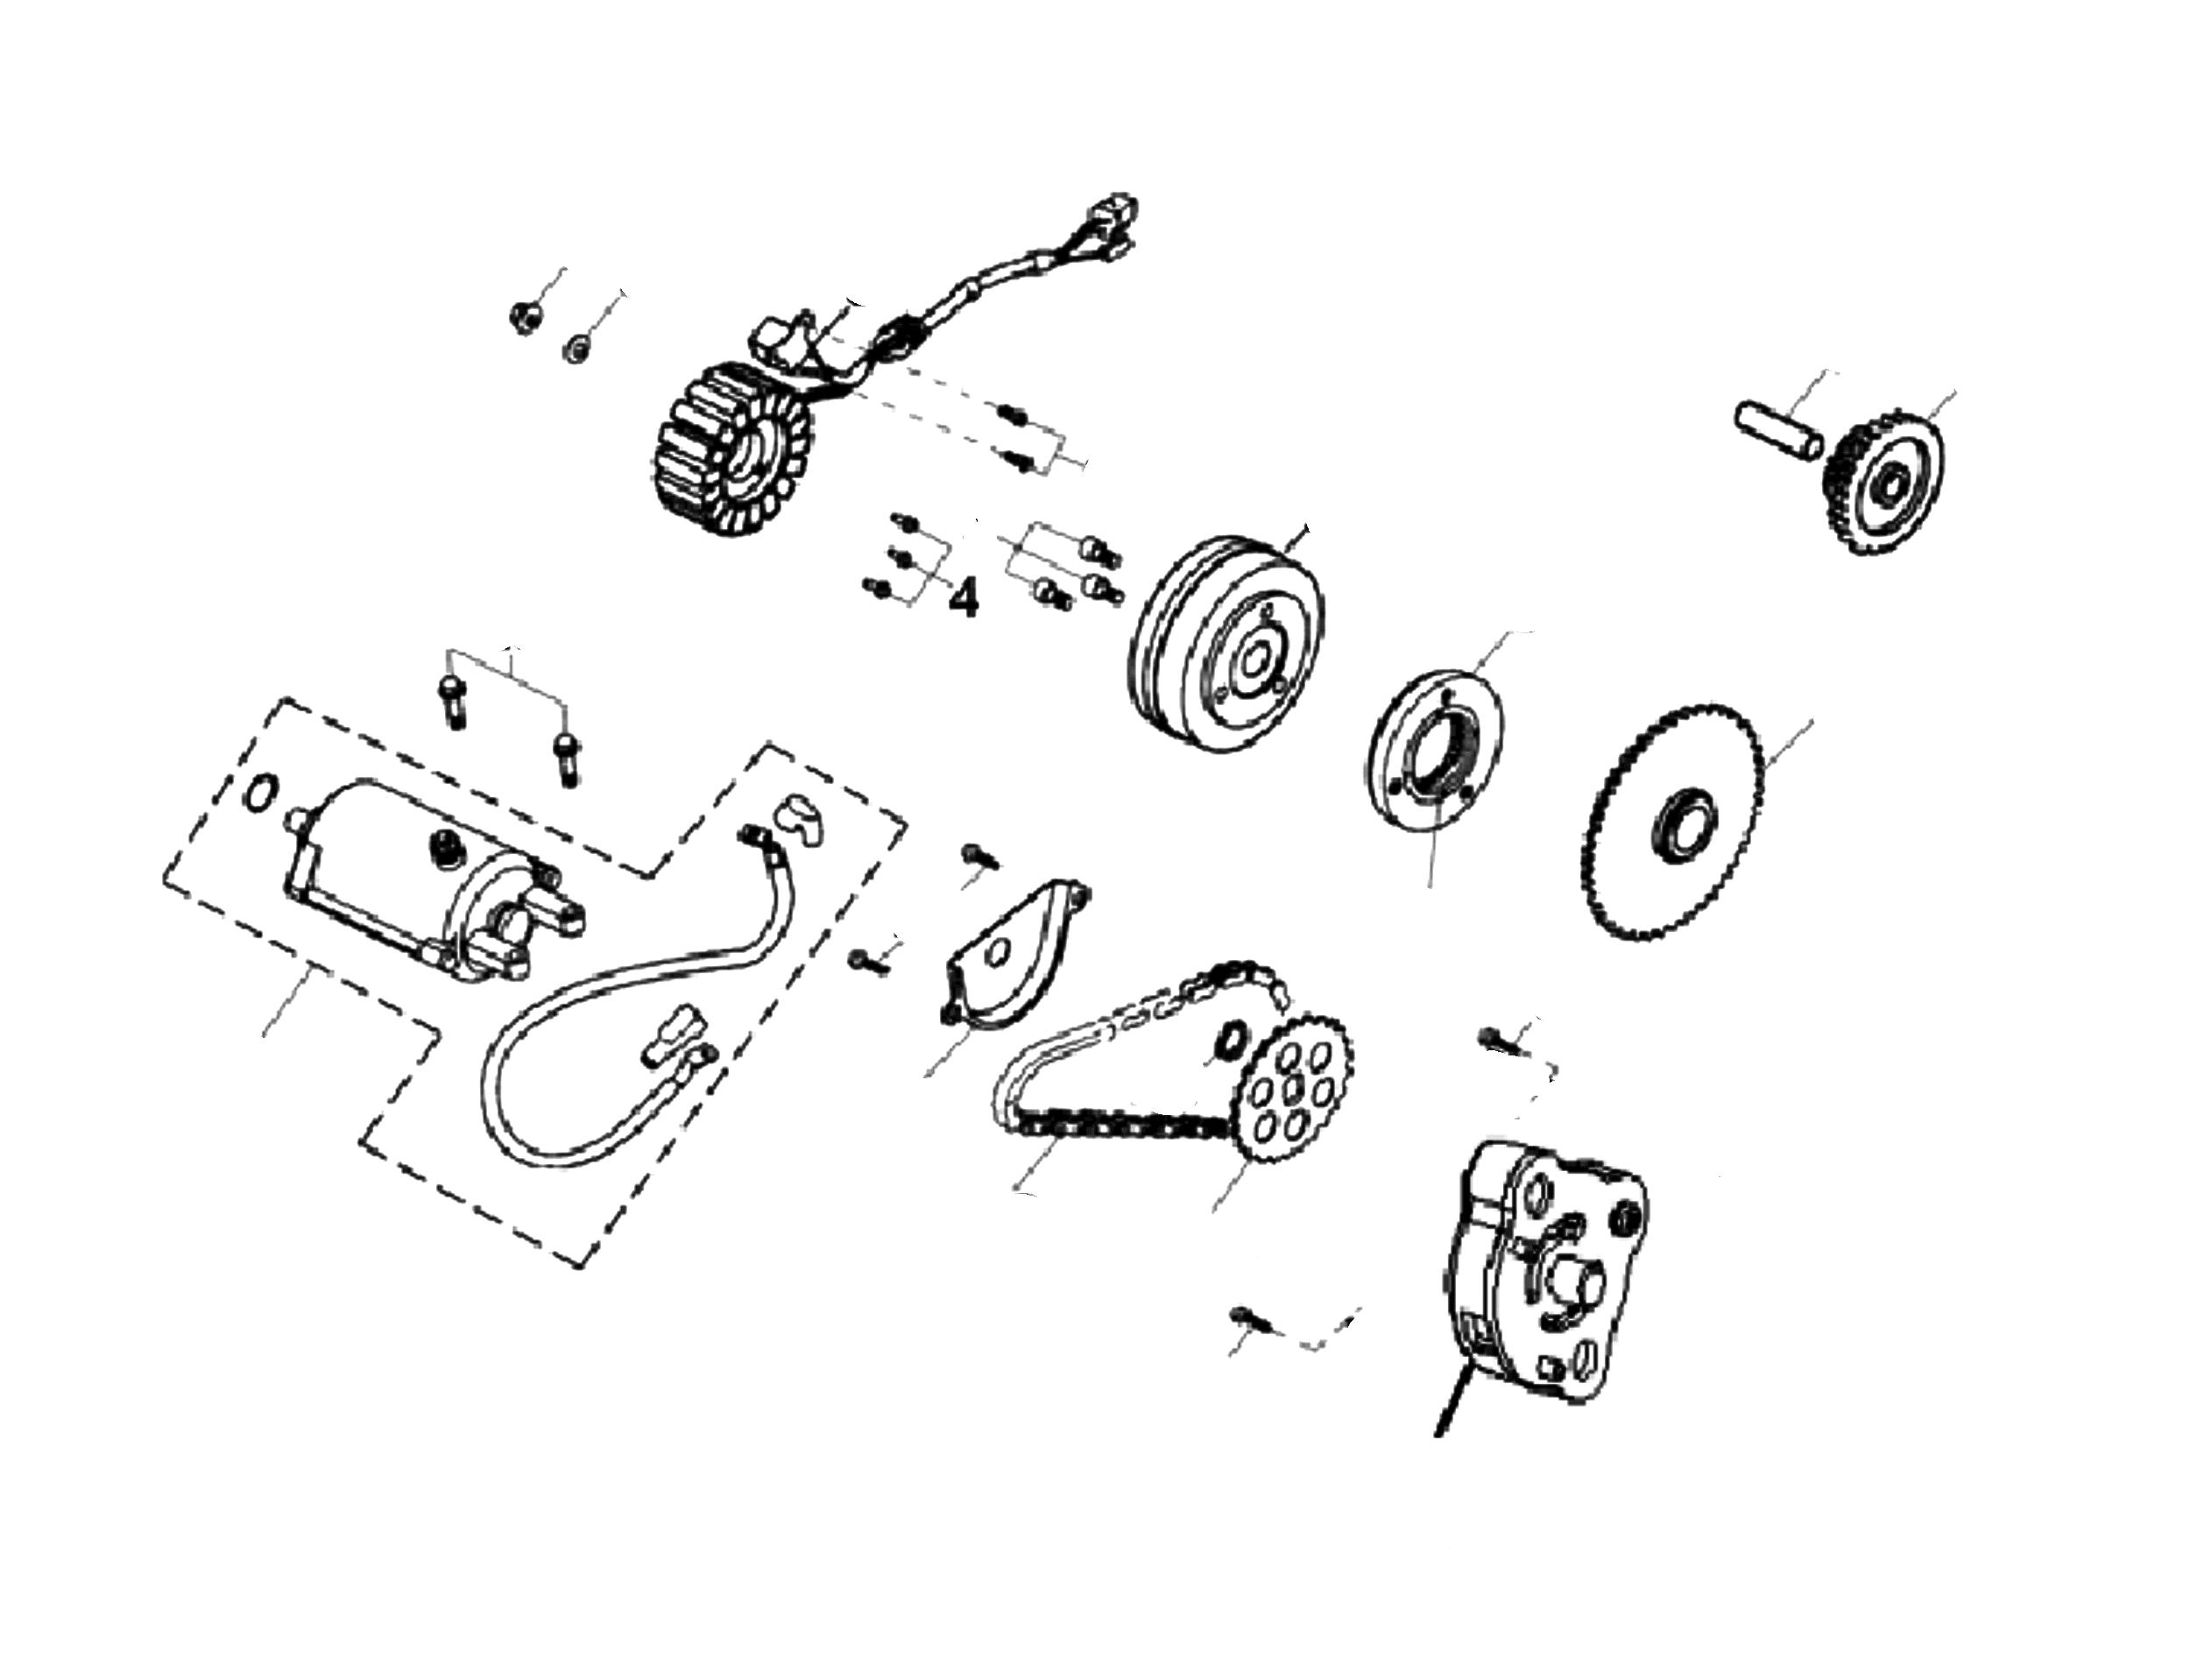 Anlasser, Lichtmaschine, Ölpumpe